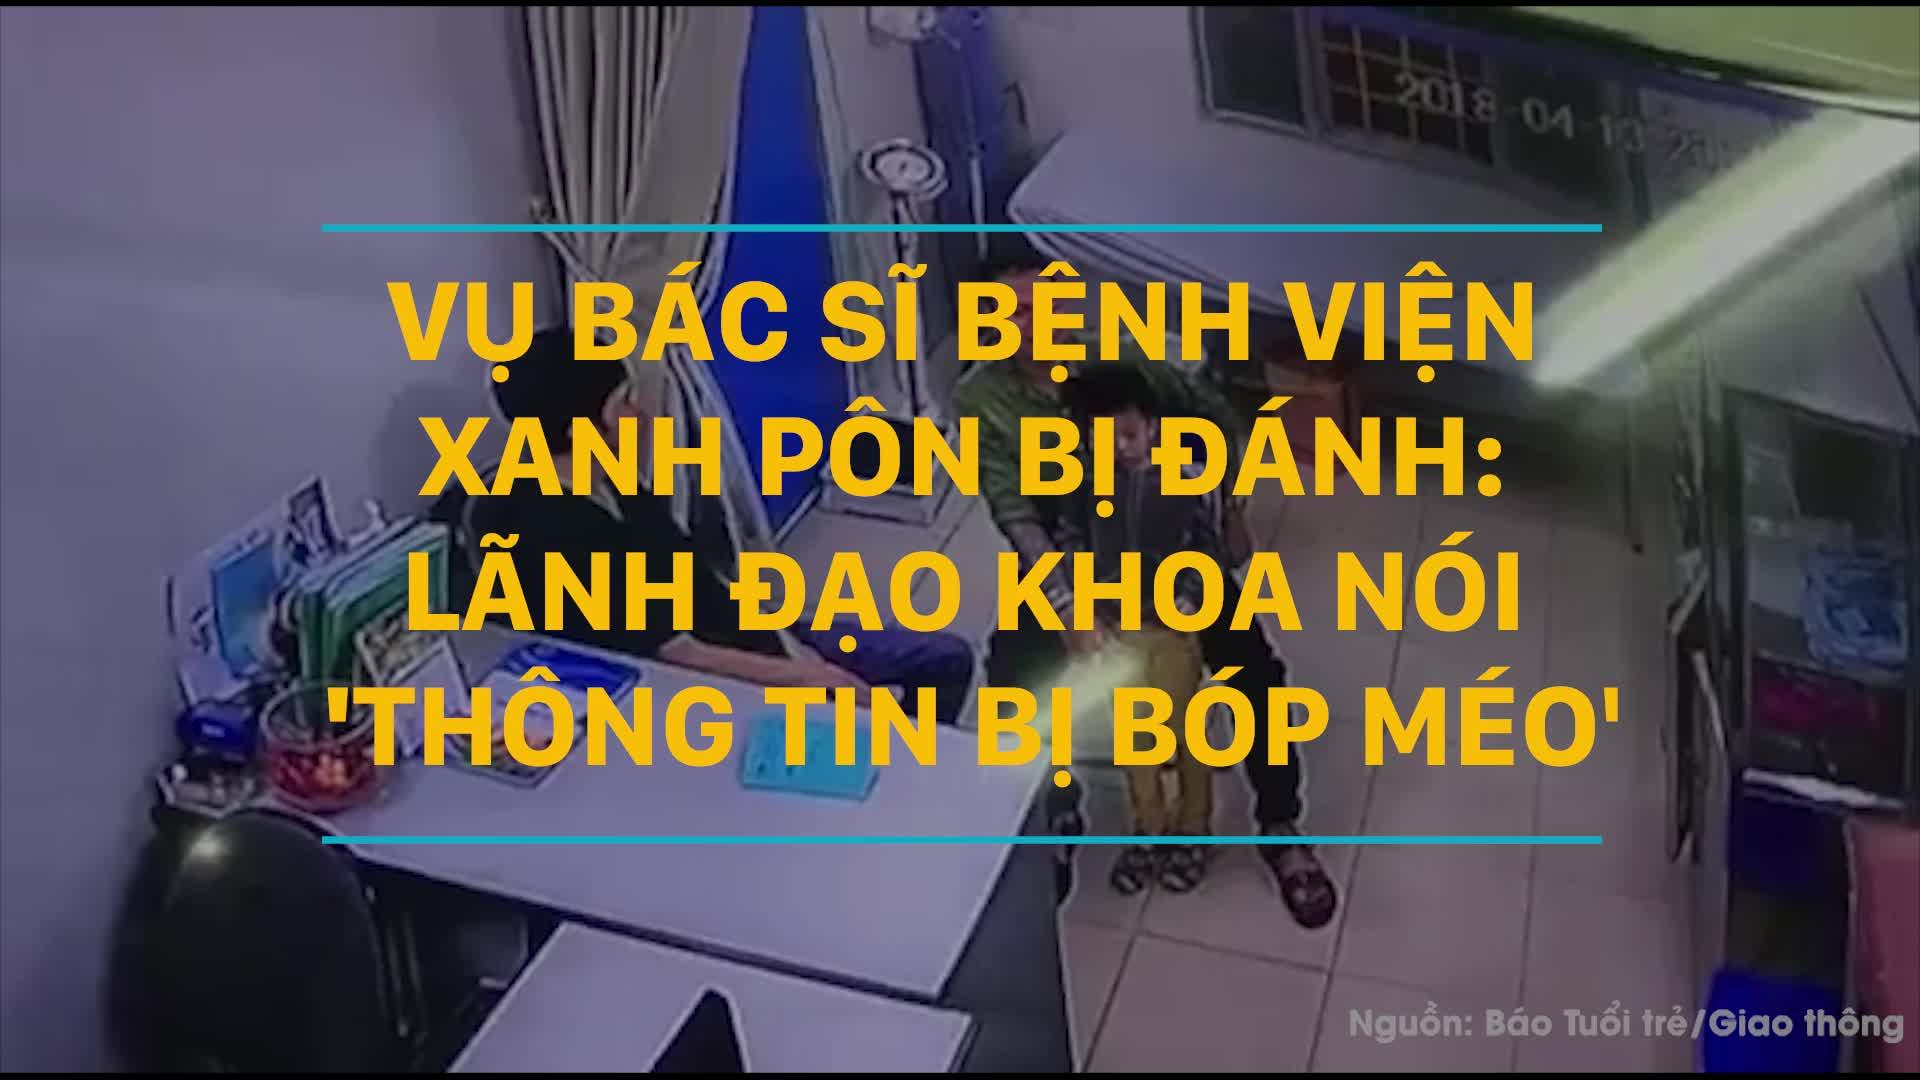 """Vụ bác sĩ Bệnh viện Xanh Pôn bị đánh: Lãnh đạo khoa nói """"thông tin bị bóp méo"""""""